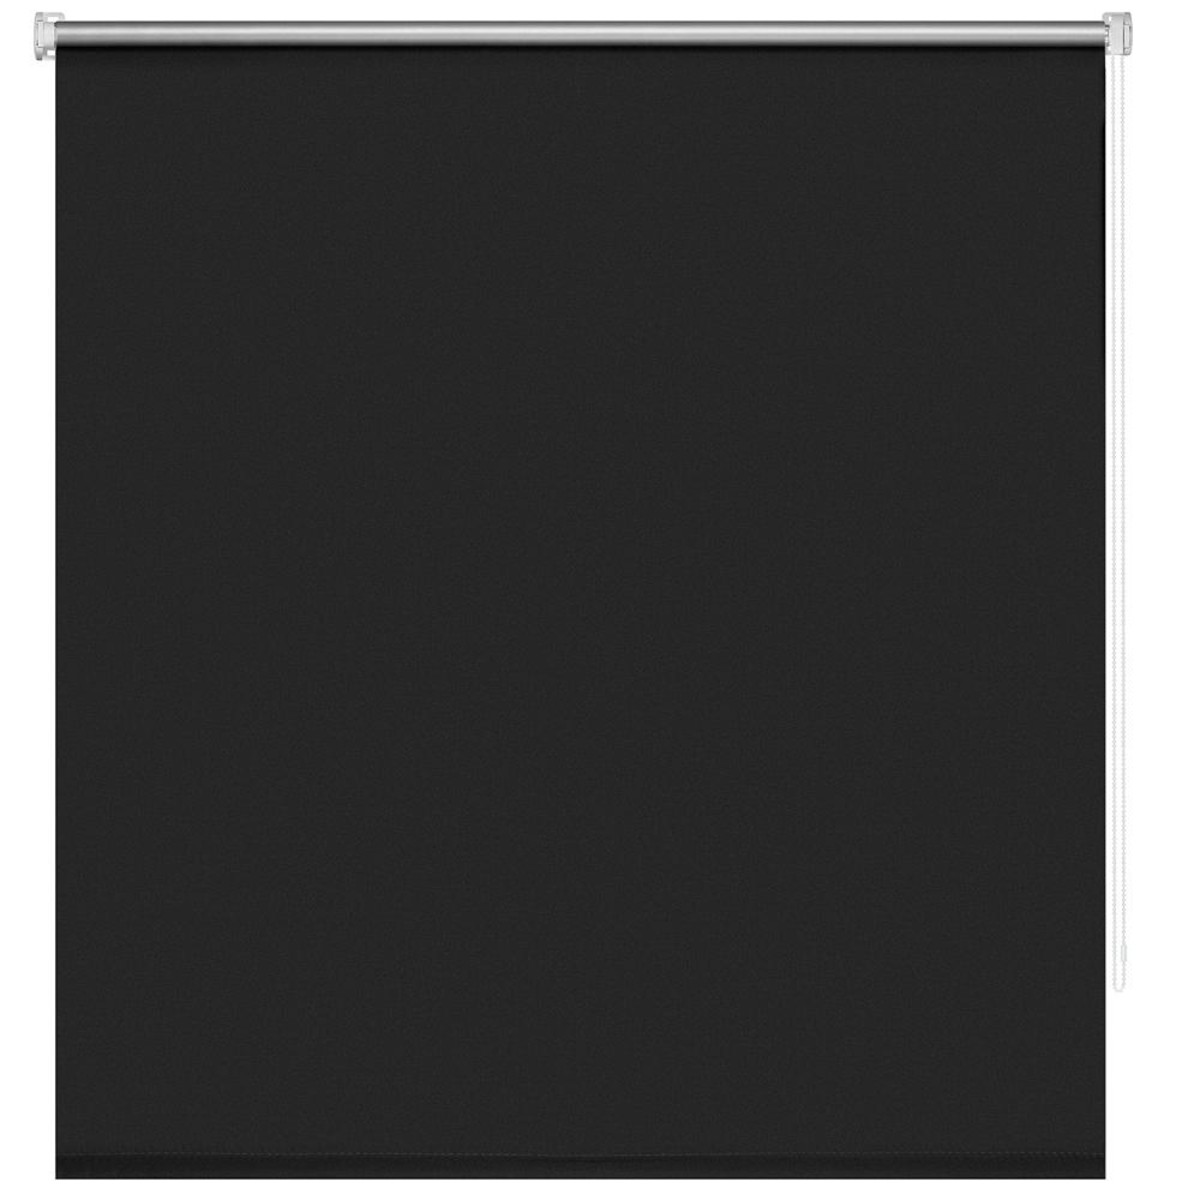 Рулонная Ора Decofest Блэкаут Плайн 80Х160 Цвет Черный